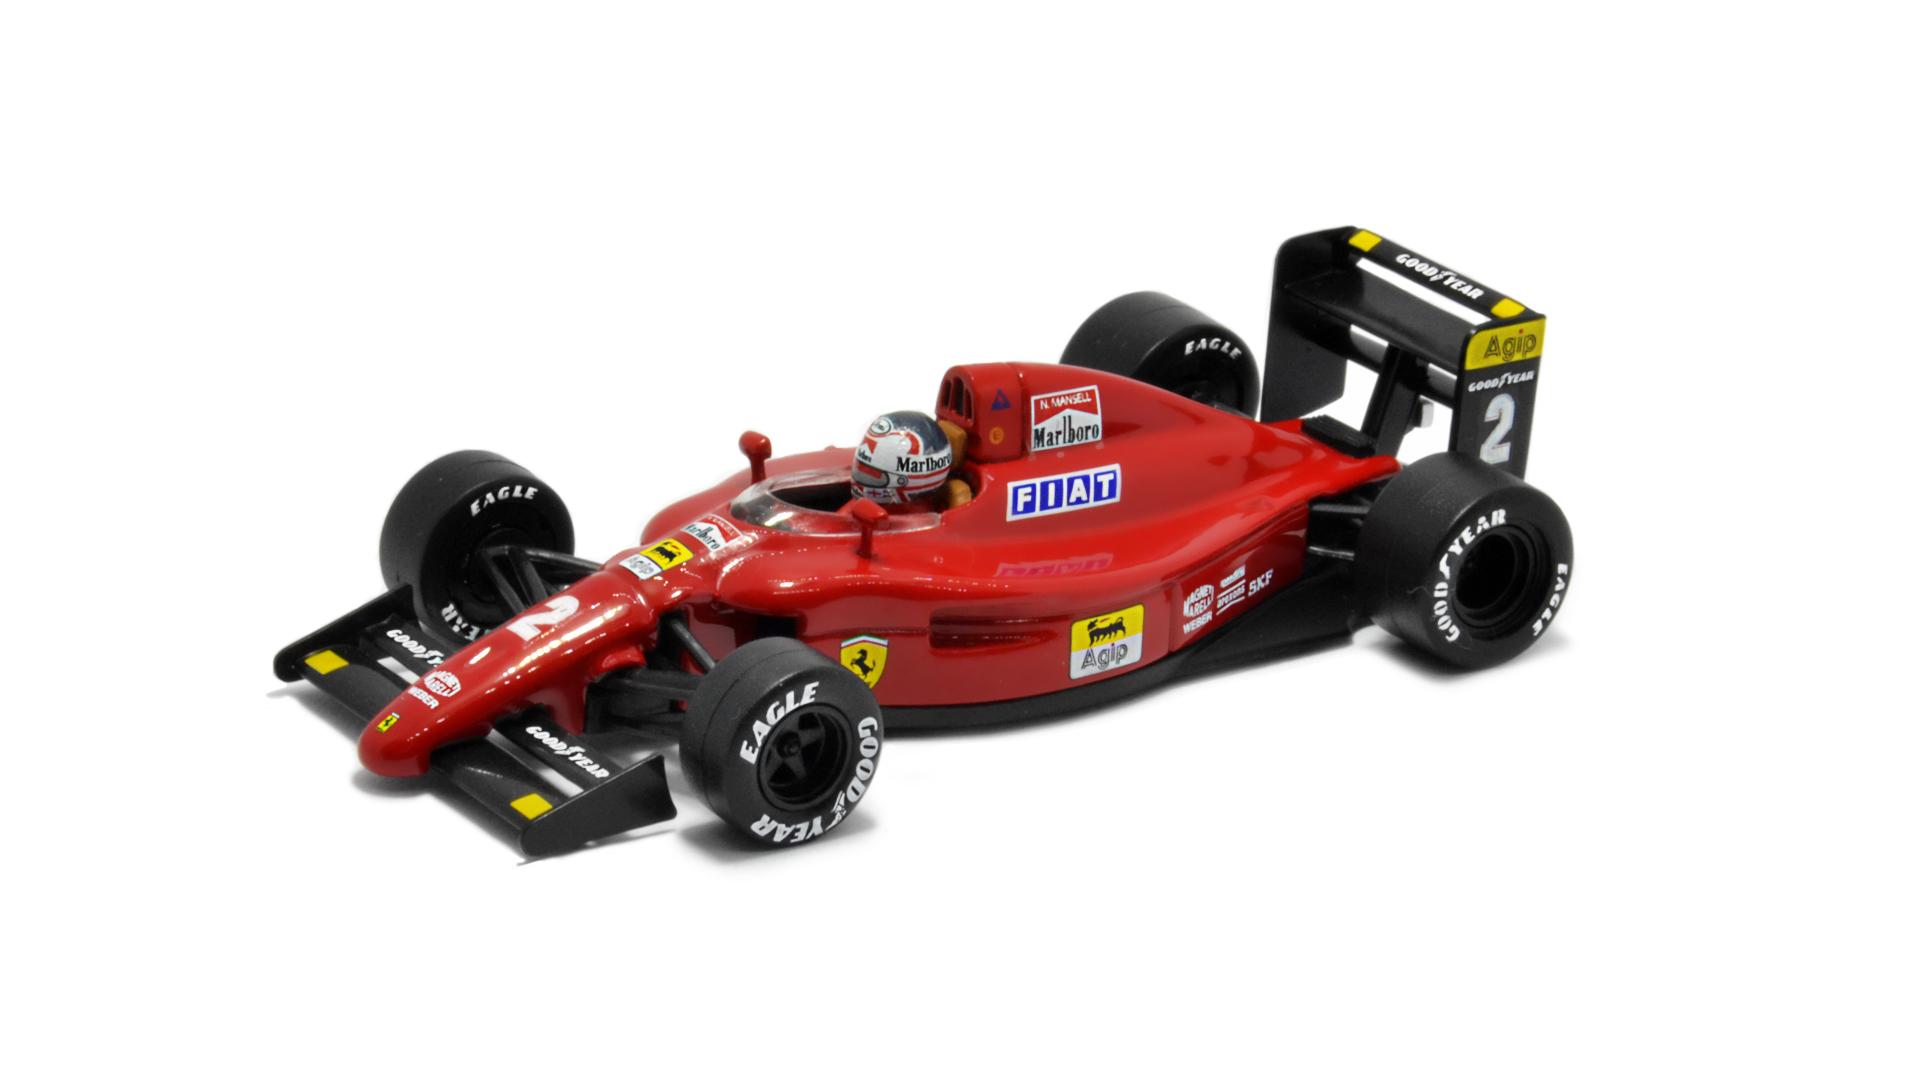 Év: 1990<br />Modell: 641<br />Gyártó: Altaya (átalakított)<br />Pilóta: Nigel Mansell